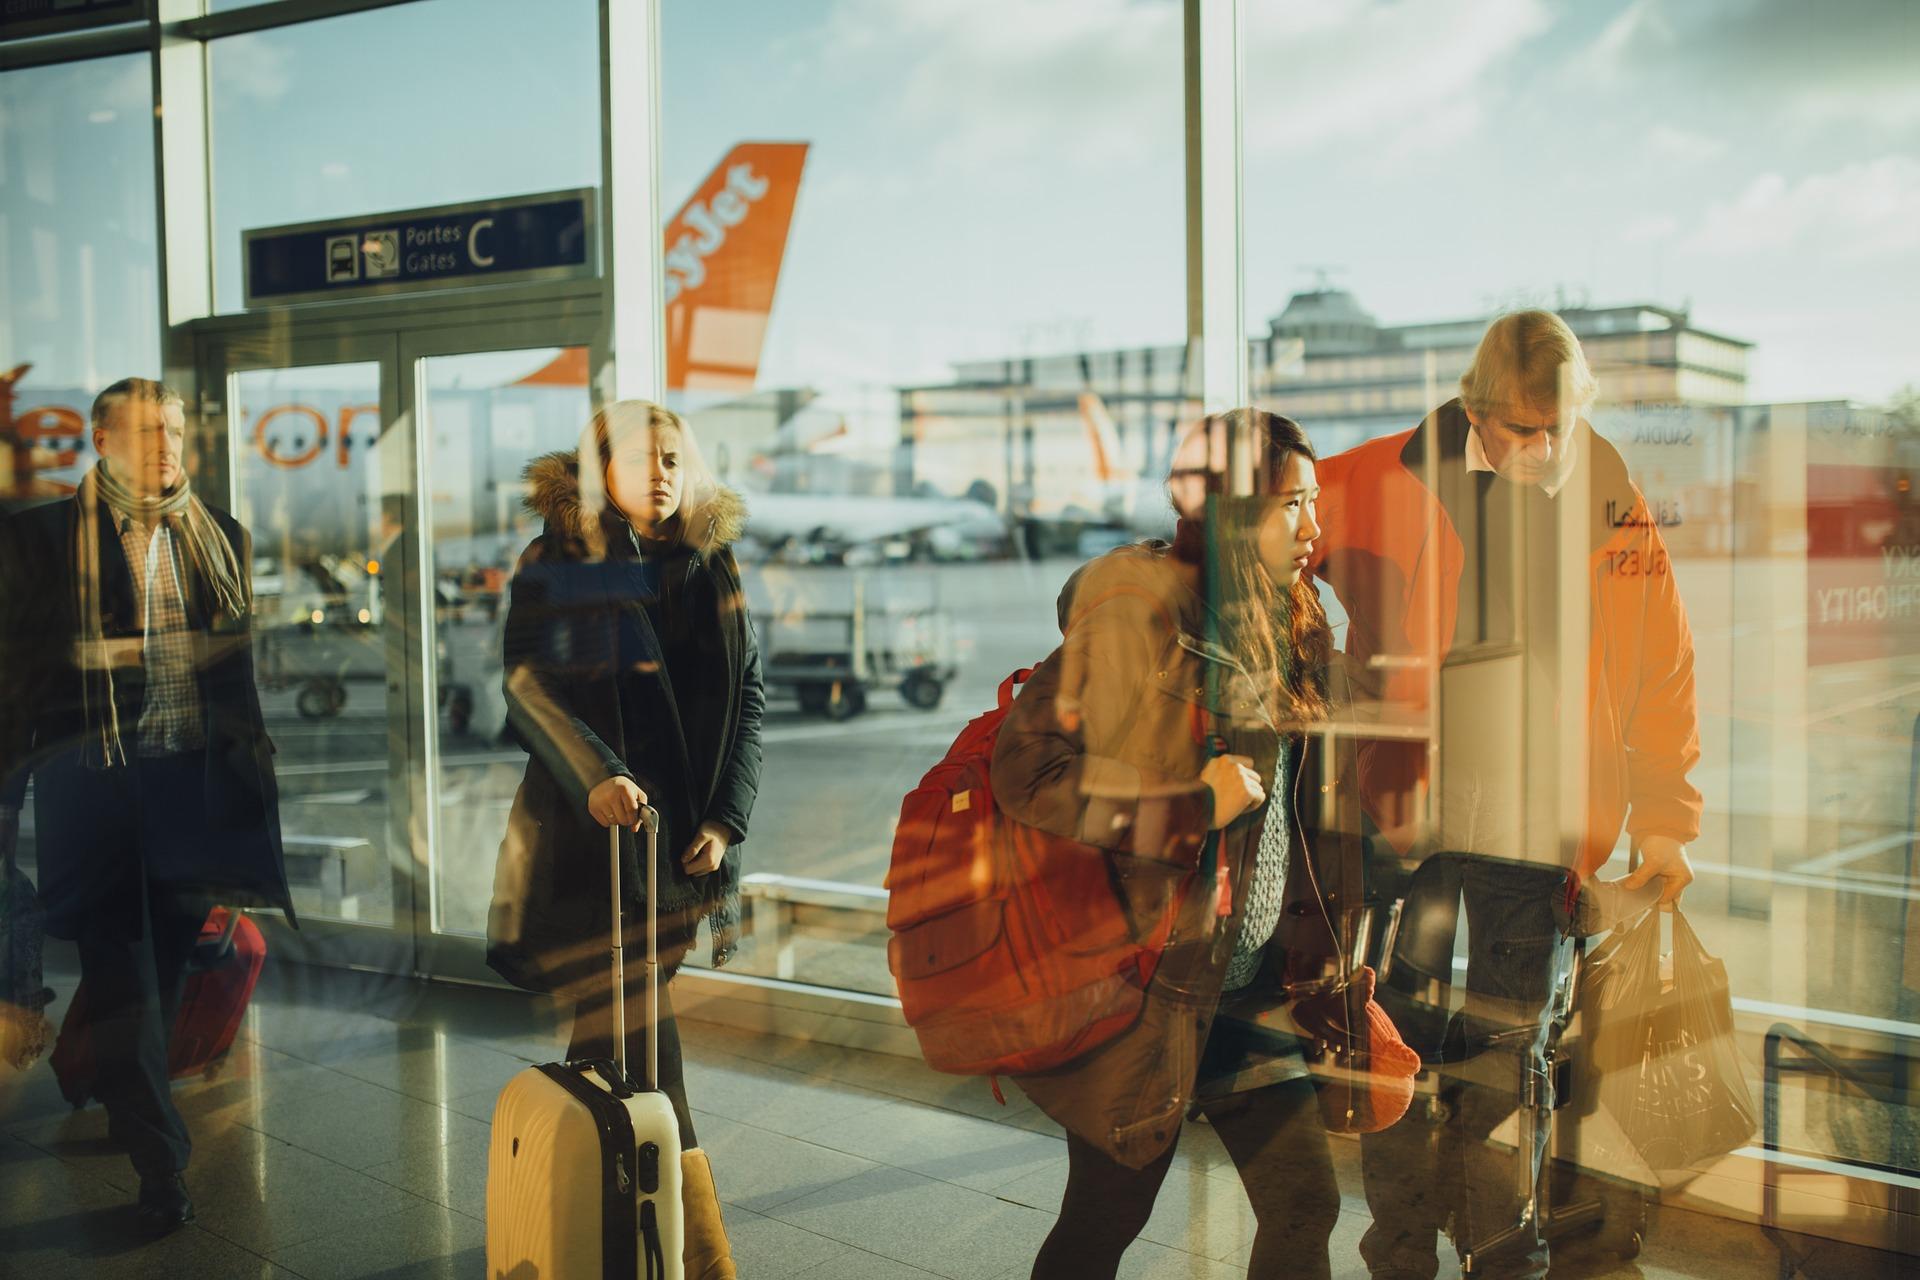 Megkímélhetjük magunkat a repülőtéri csomagcirkusztól